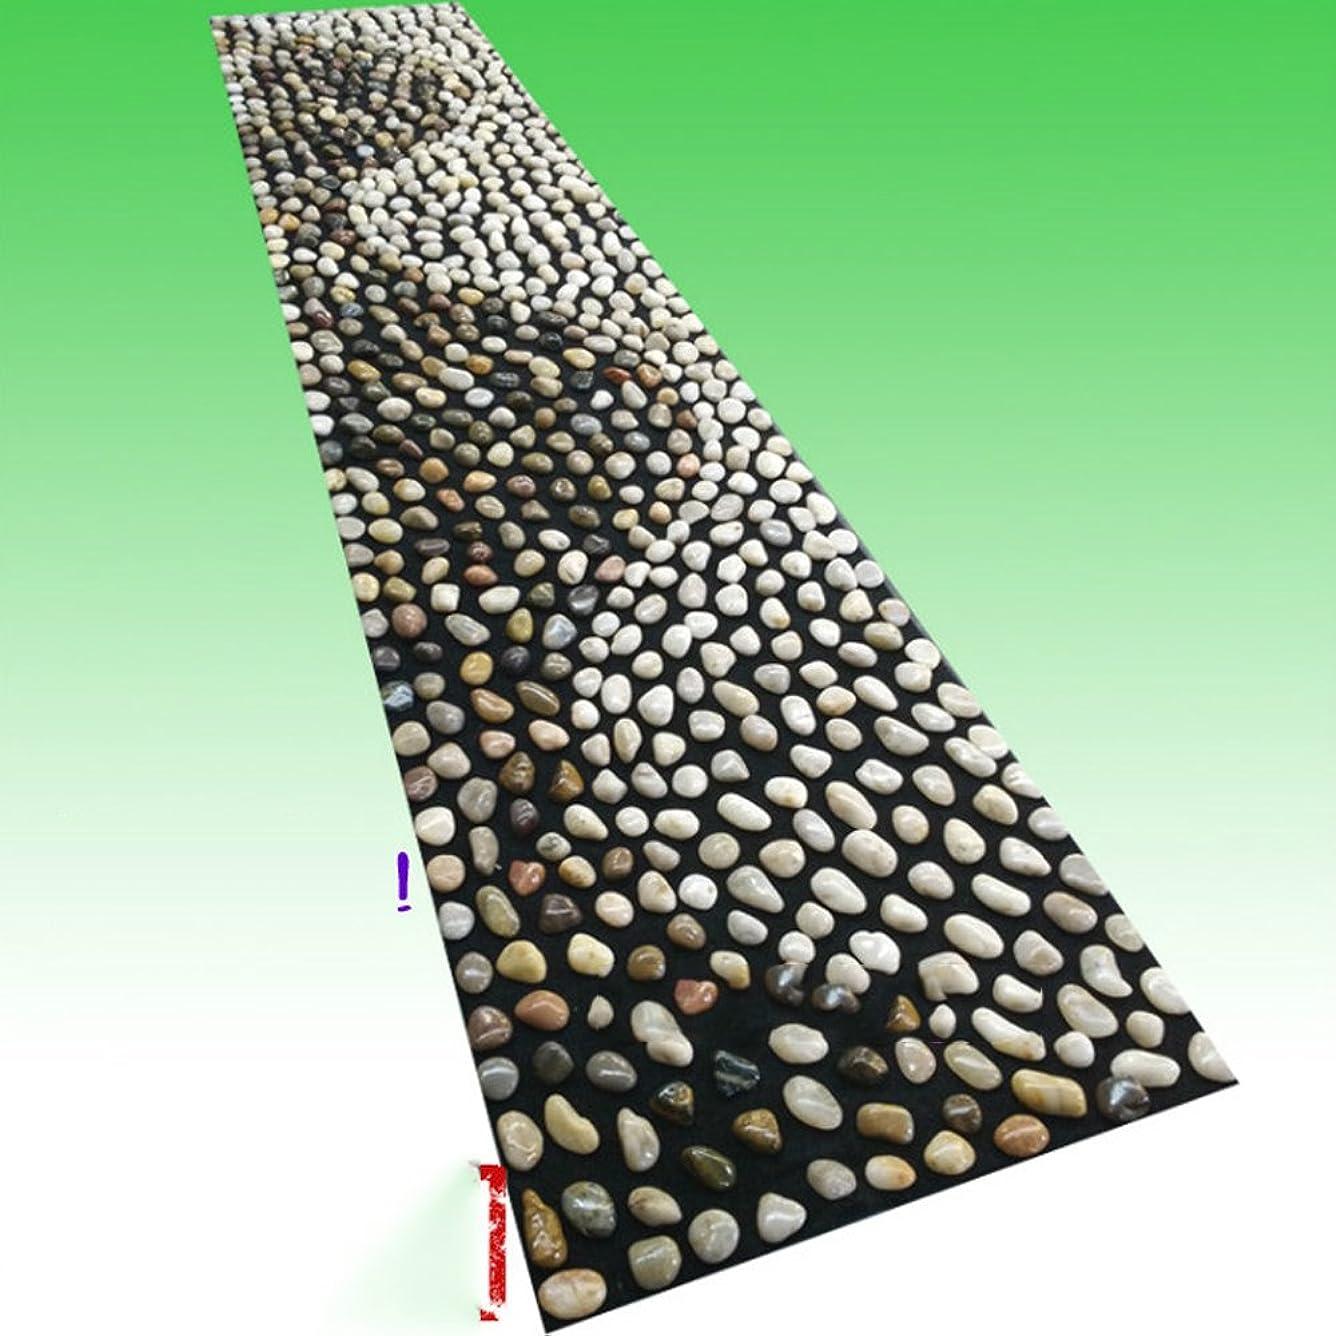 ウェーハヨーロッパインストラクター足つぼ マット マッサージシート マッサージ 足裏 健康 ツボ刺激 折りたたみ ウォーキングマット 足裏マット 本物の健康 フットマッサージ 足のマッサージパッド 模造石畳の歩道